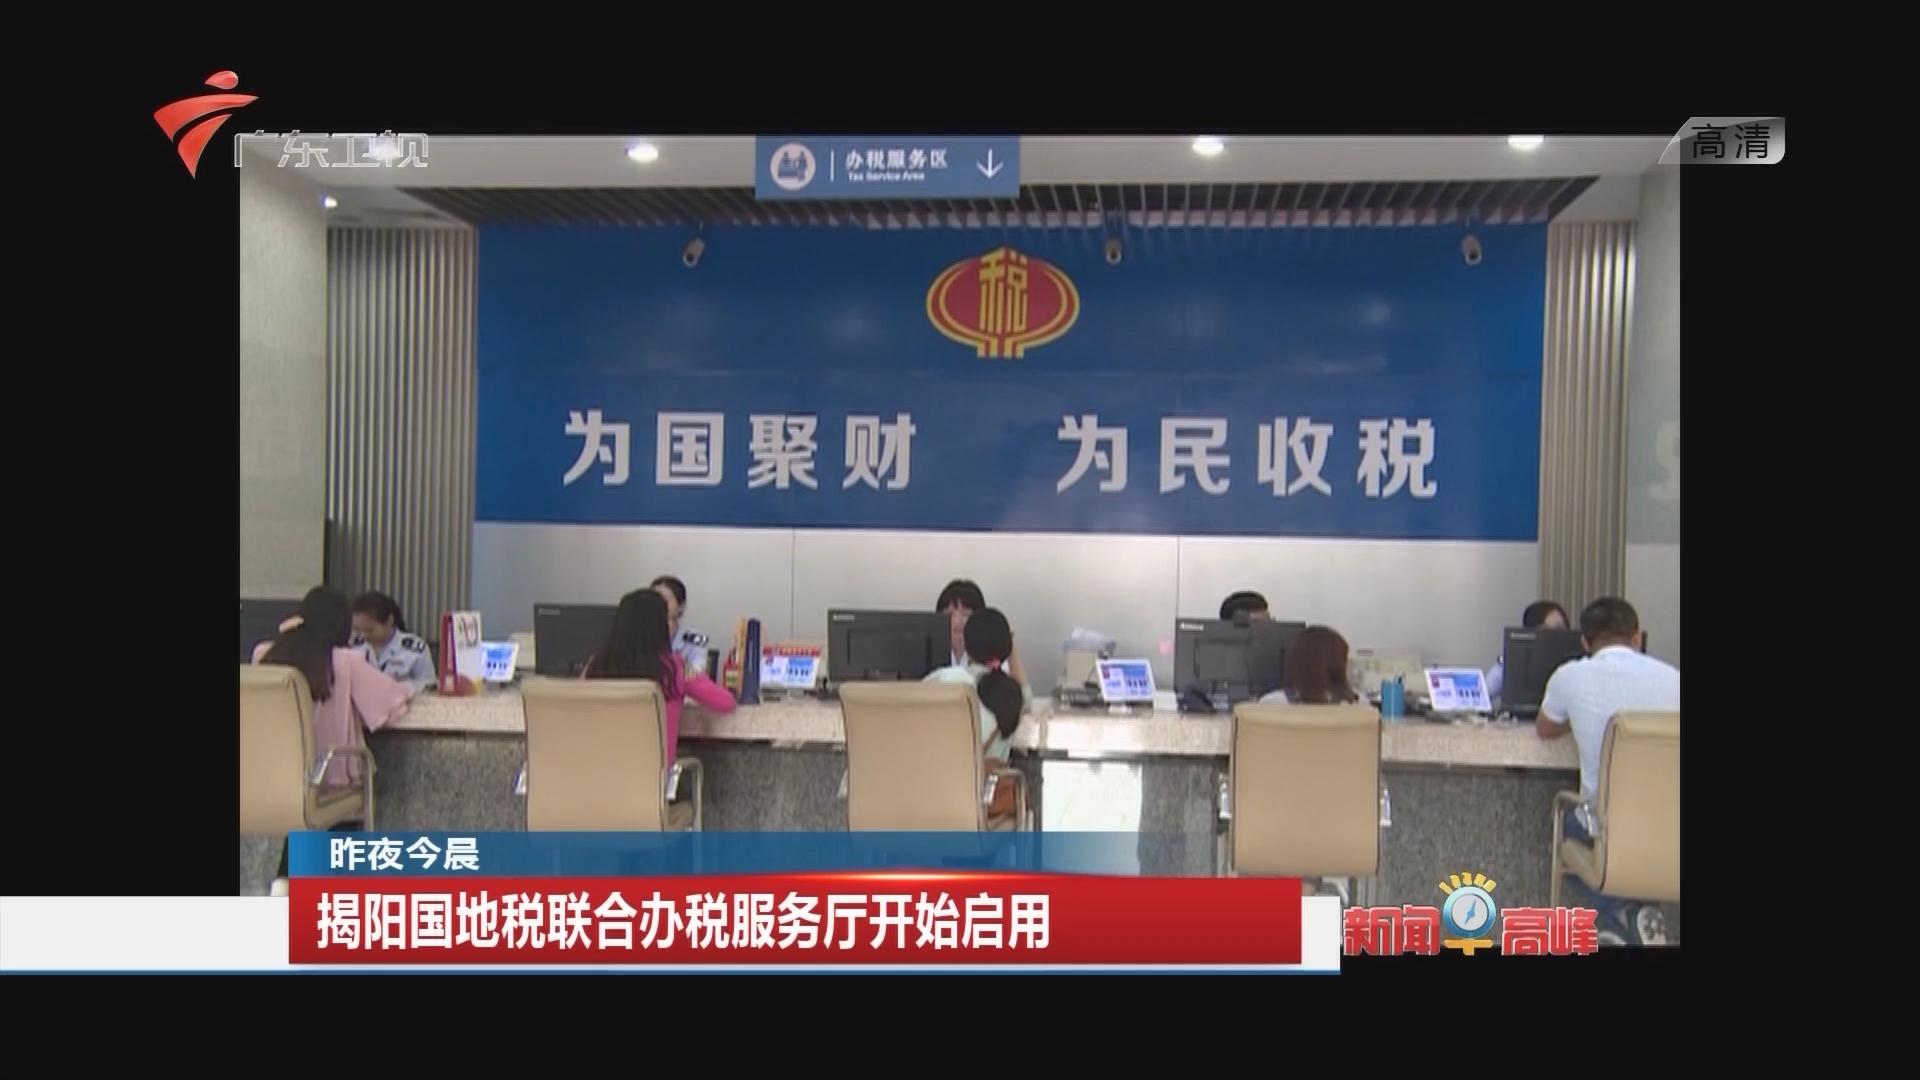 昨夜今晨:揭阳国地税联合办税服务厅开始启用